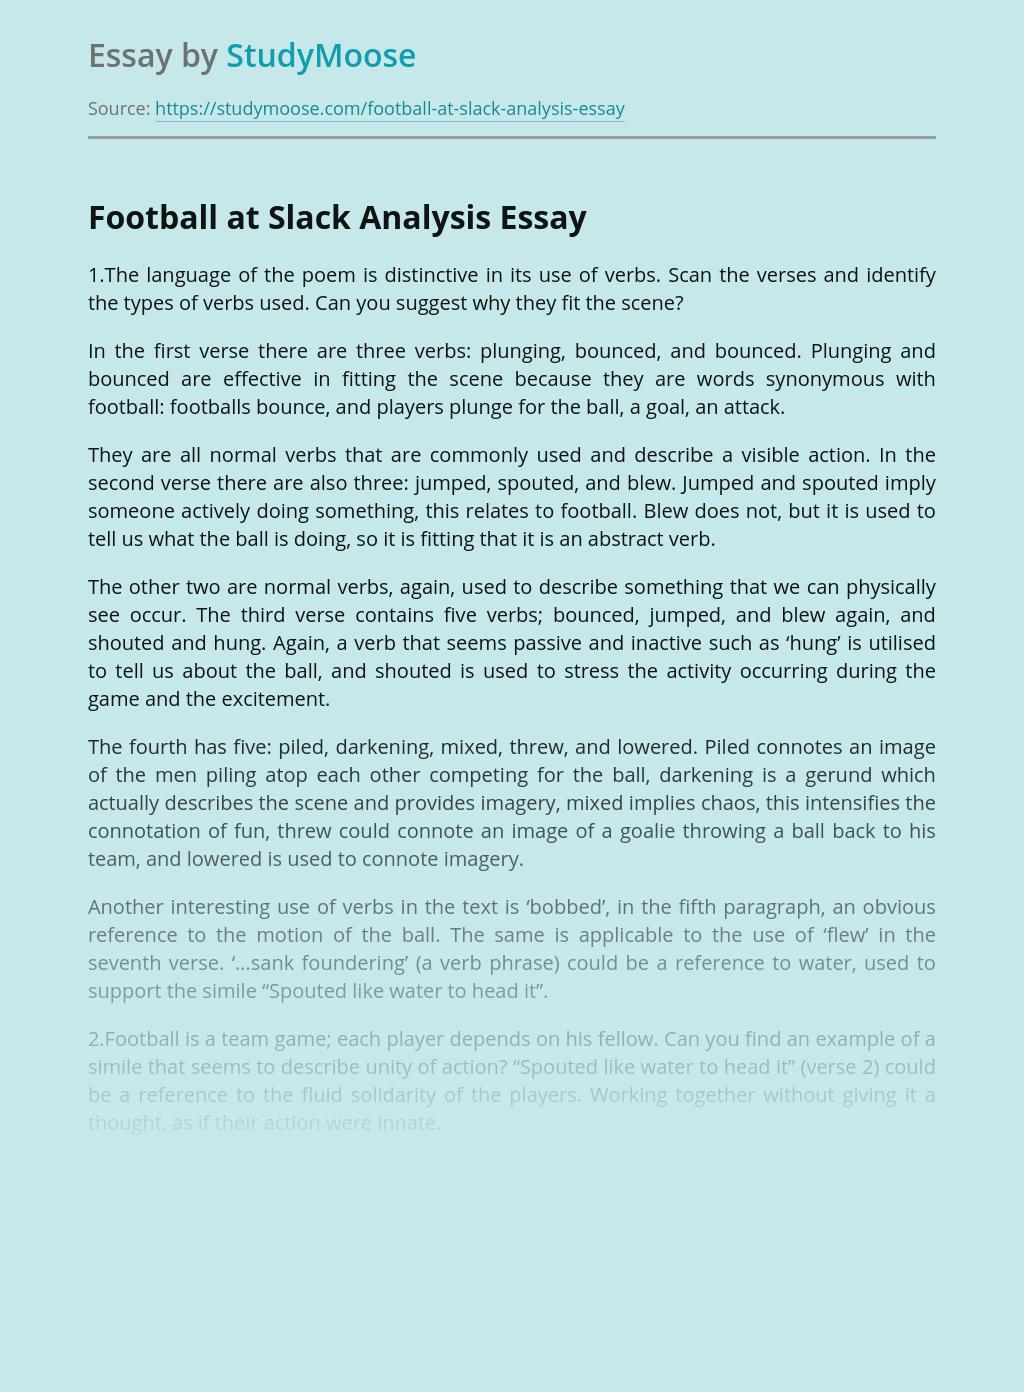 Football at Slack Analysis